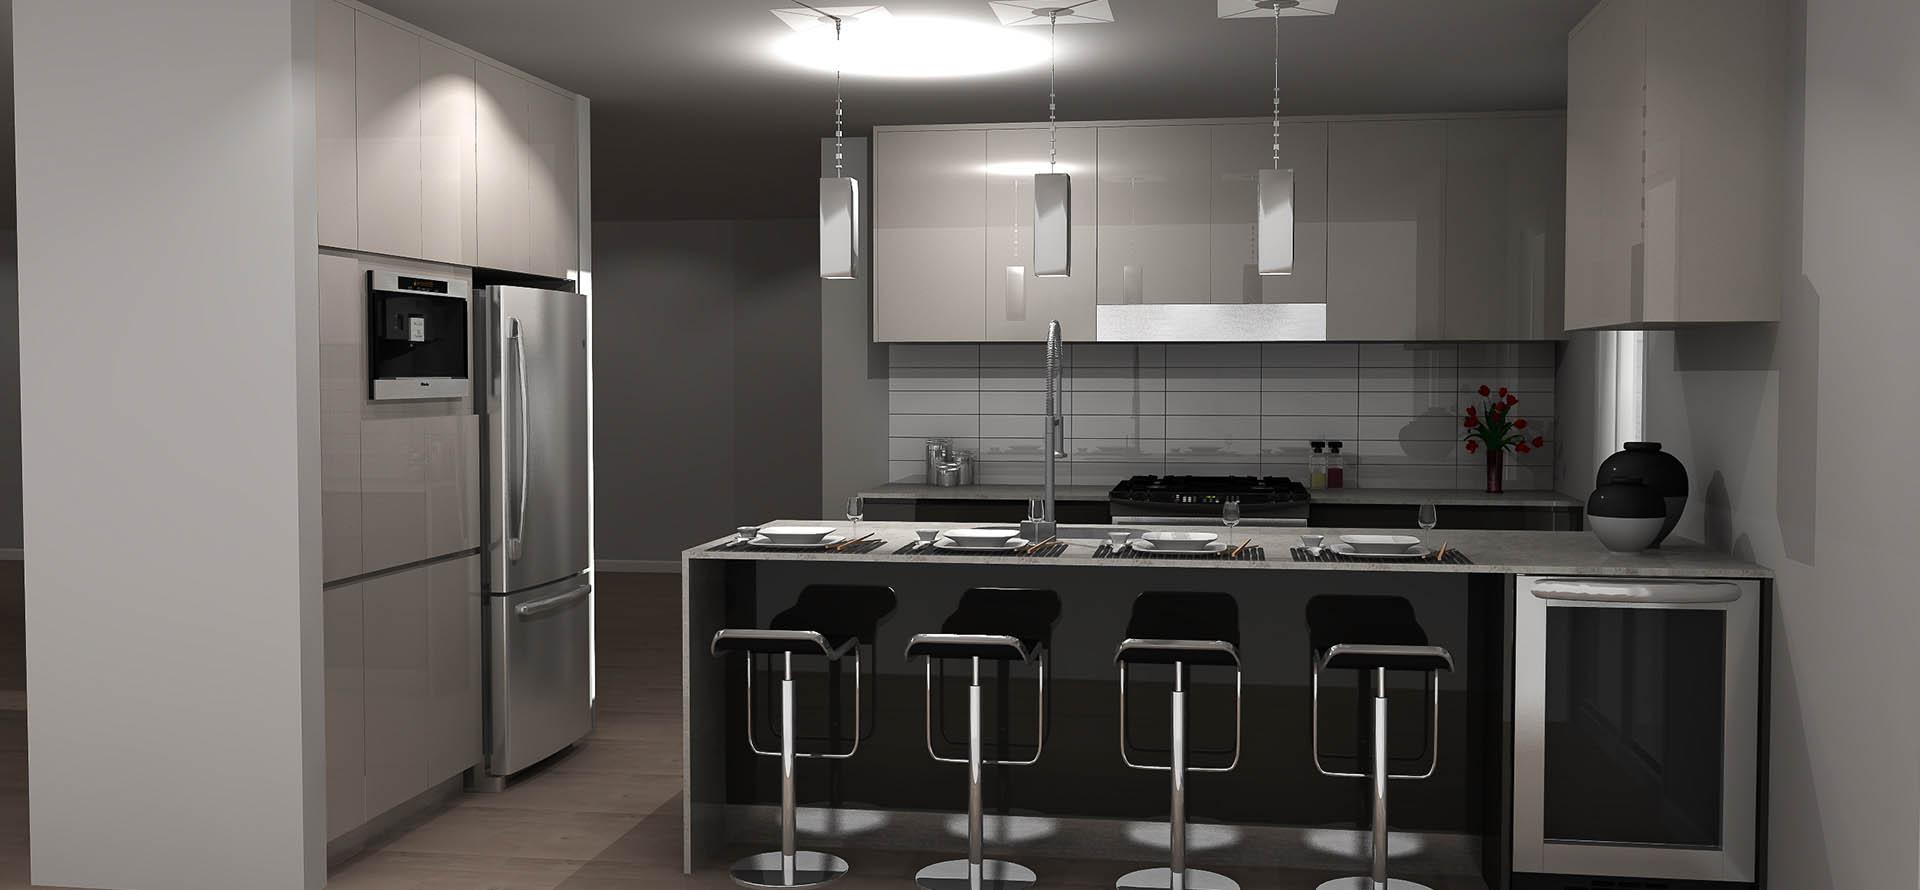 Plan de cuisine en 3d for 3d cuisine deluxe